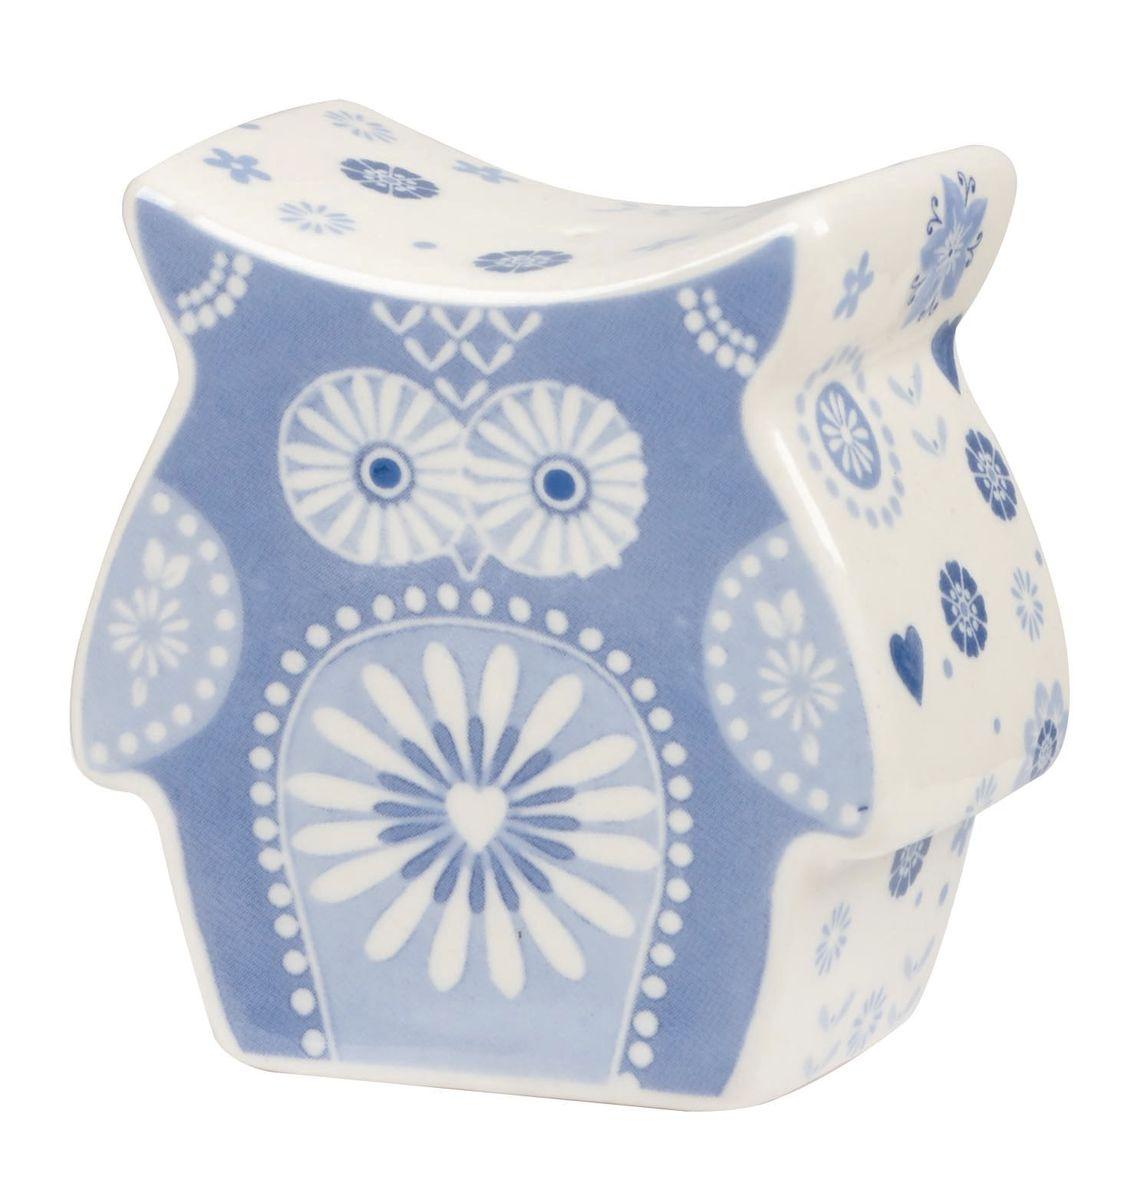 Набор для специй Churchill, 2 предмета. PENZ00491PENZ00491Набор для специй Churchill выполнен из высококачественной керамики. Отлично подойдет для сервировки стола. В набор входит солонка и перечница.Коллекция Penzance - классическое сочетание синего и белого с народным дизайном.Можно мыть в посудомоечной машине.